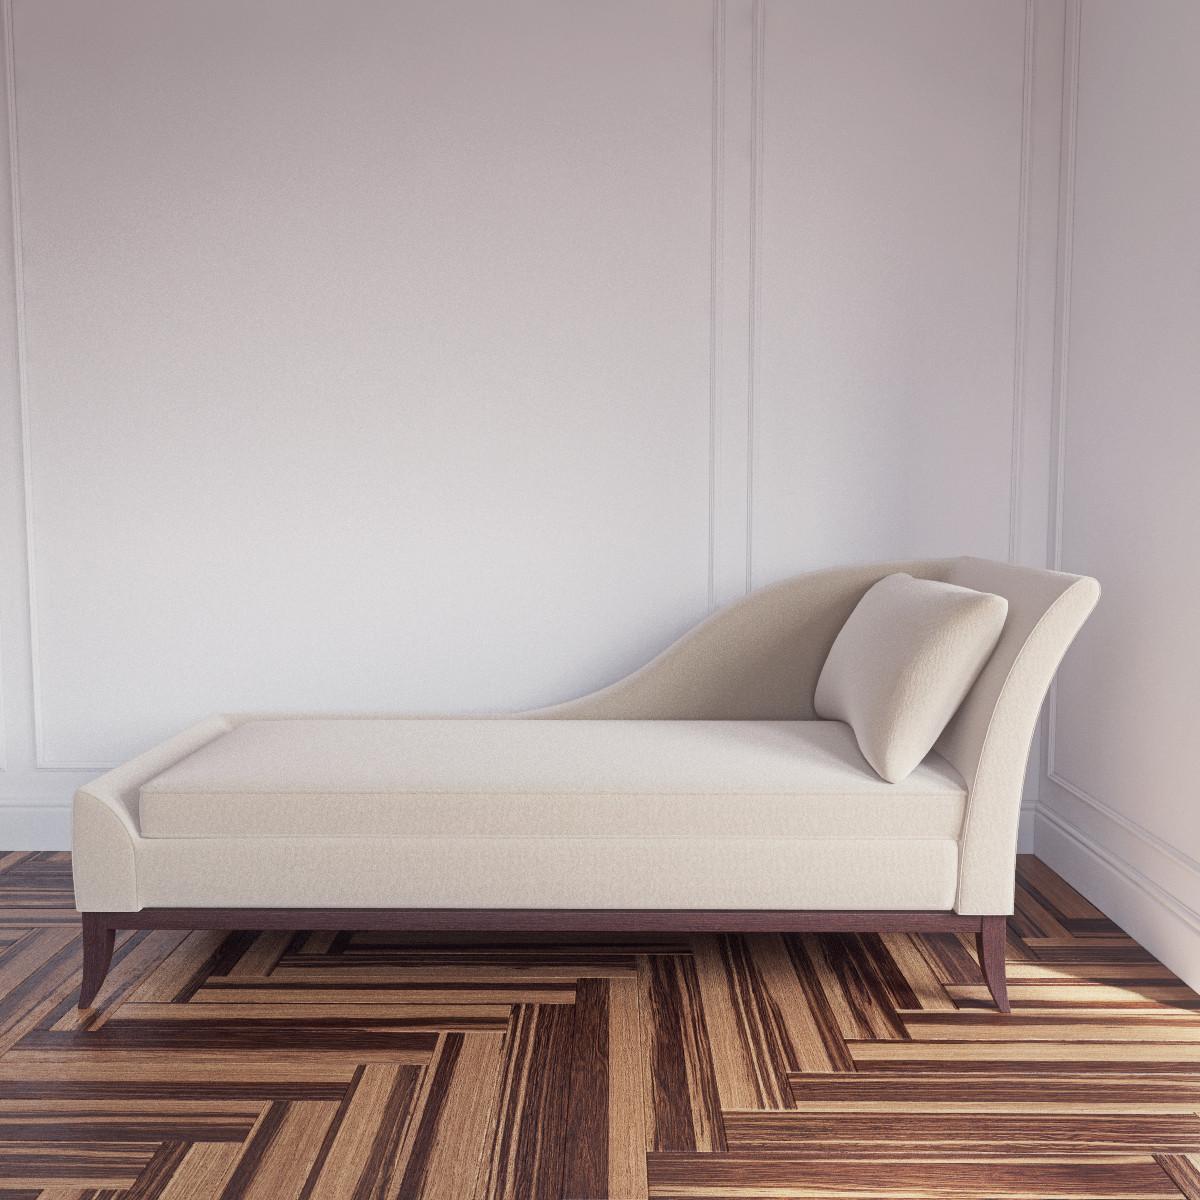 3dsmax elizabeth chaise - Chaise transparente elizabeth ...